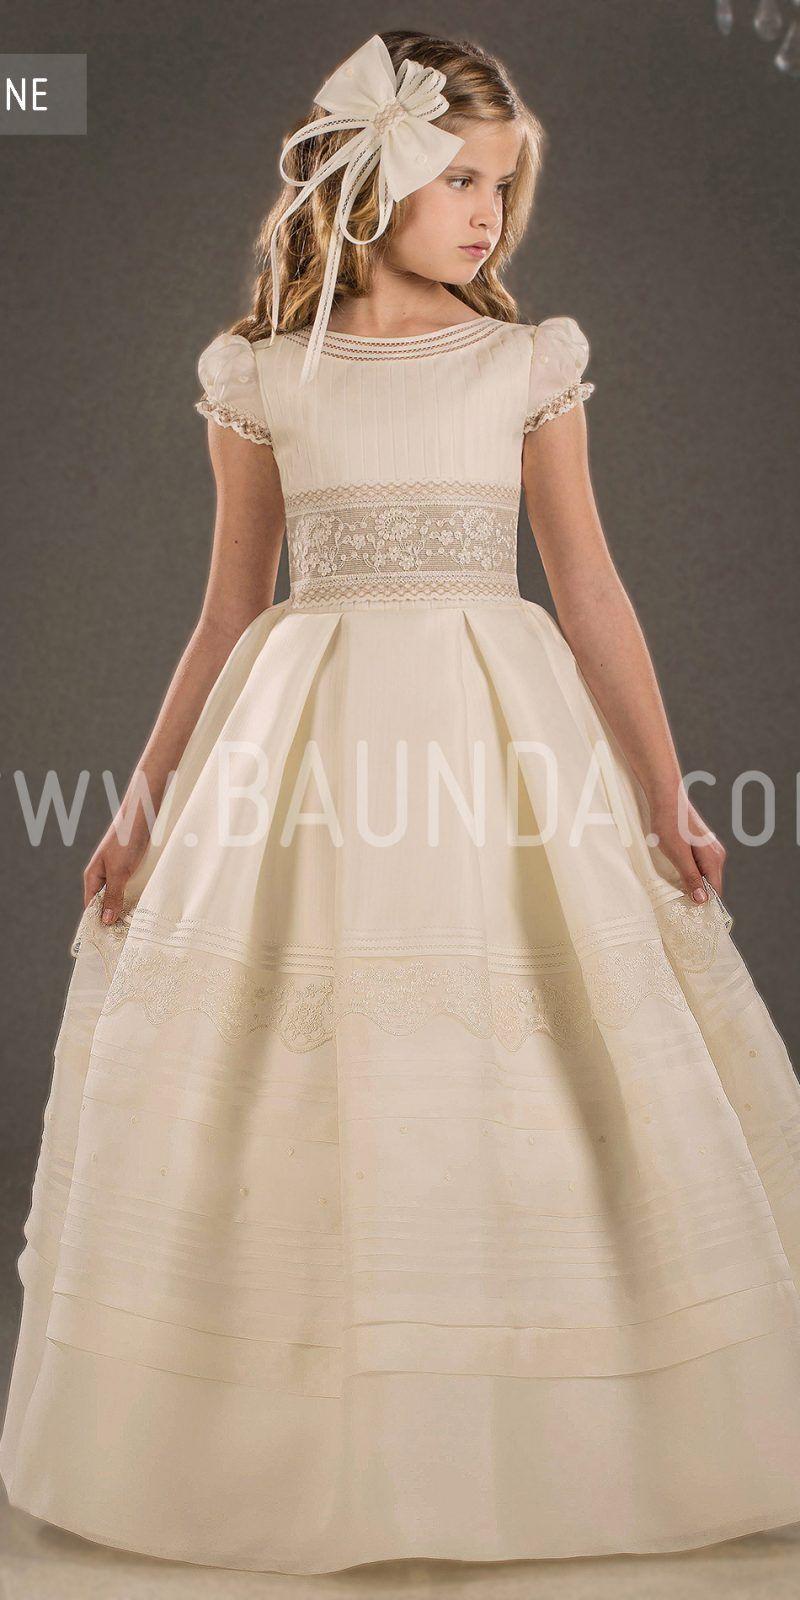 Comprar fajin para vestido comunion